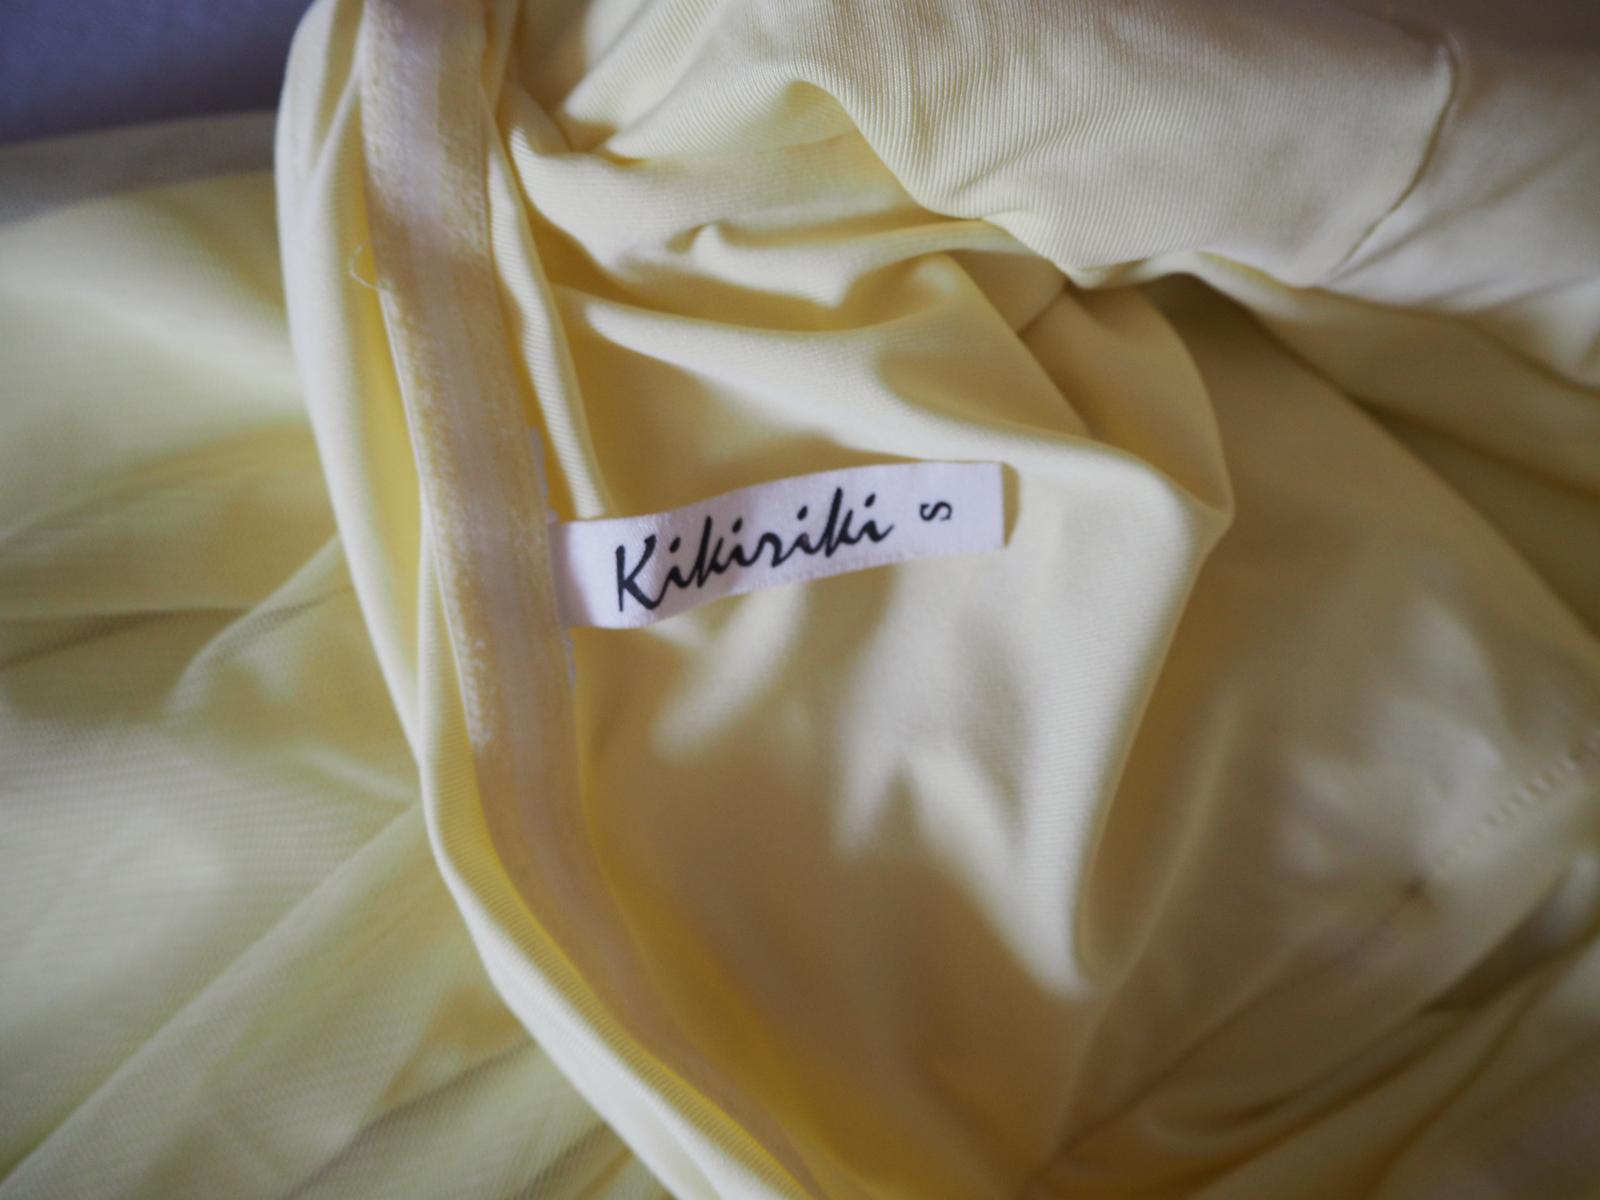 Krátke žlté spoločenské šaty.  - Obrázok č. 3